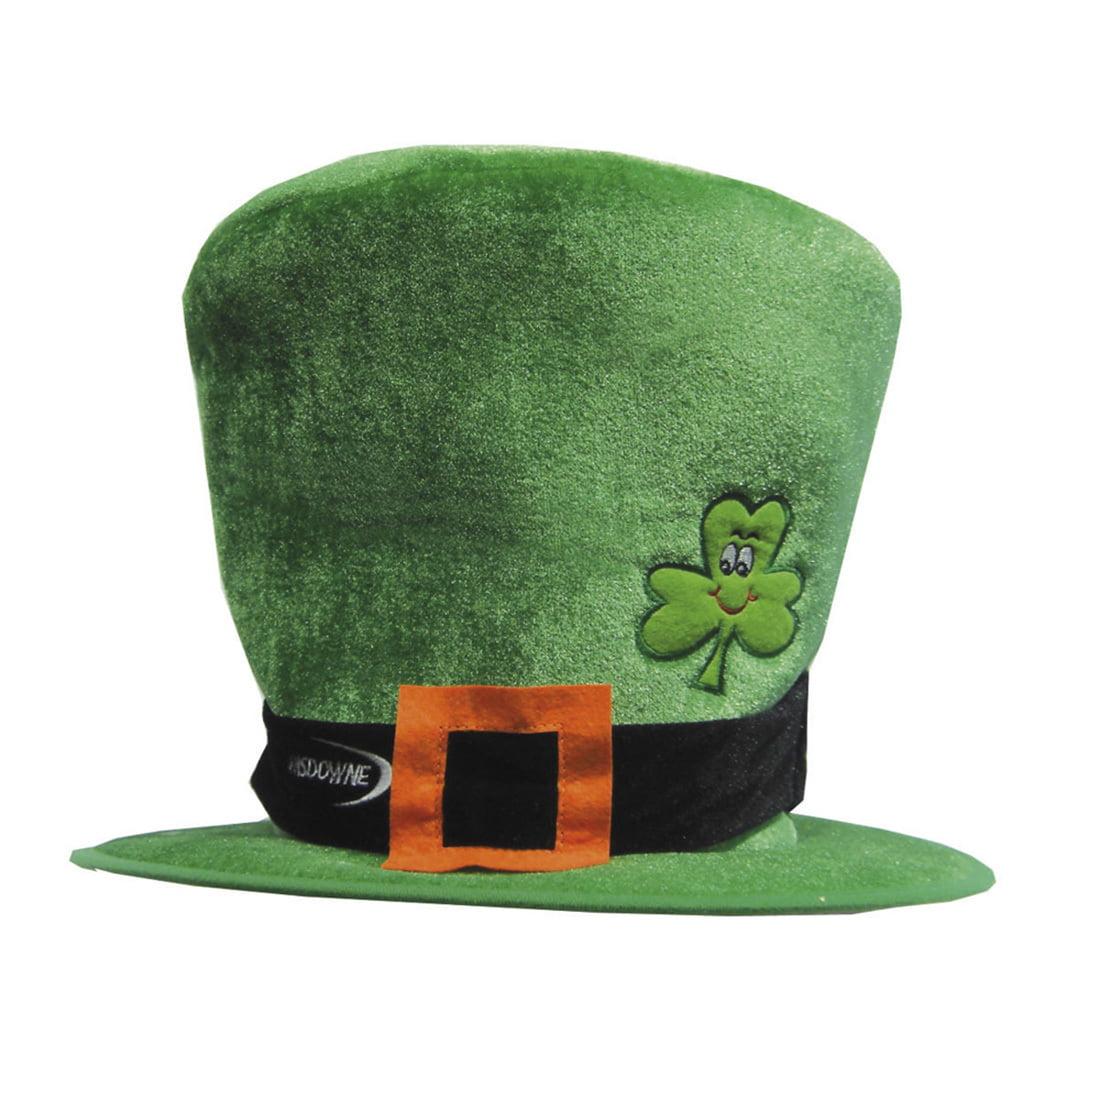 Green Top O' The Mornin' Leprechaun Hat